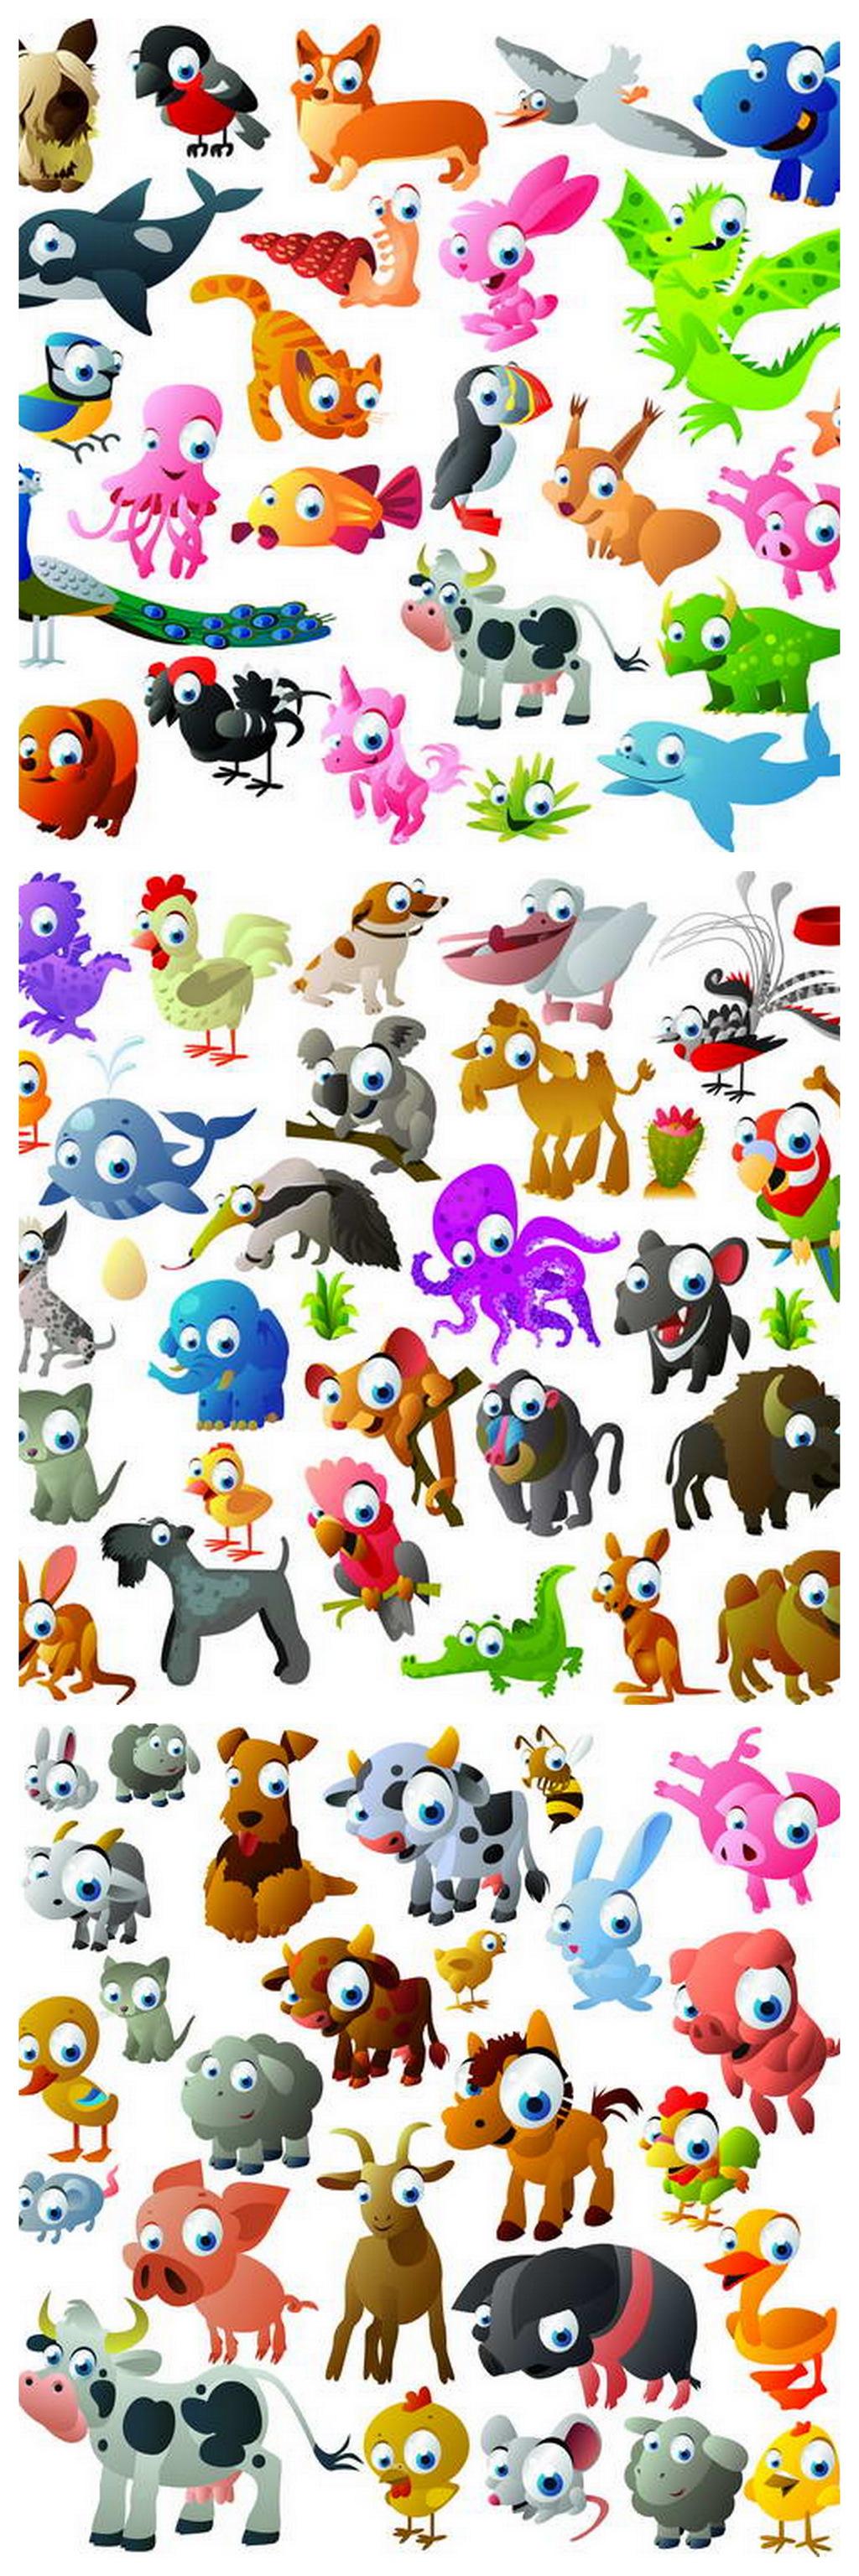 卡通彩色小动物矢量素材